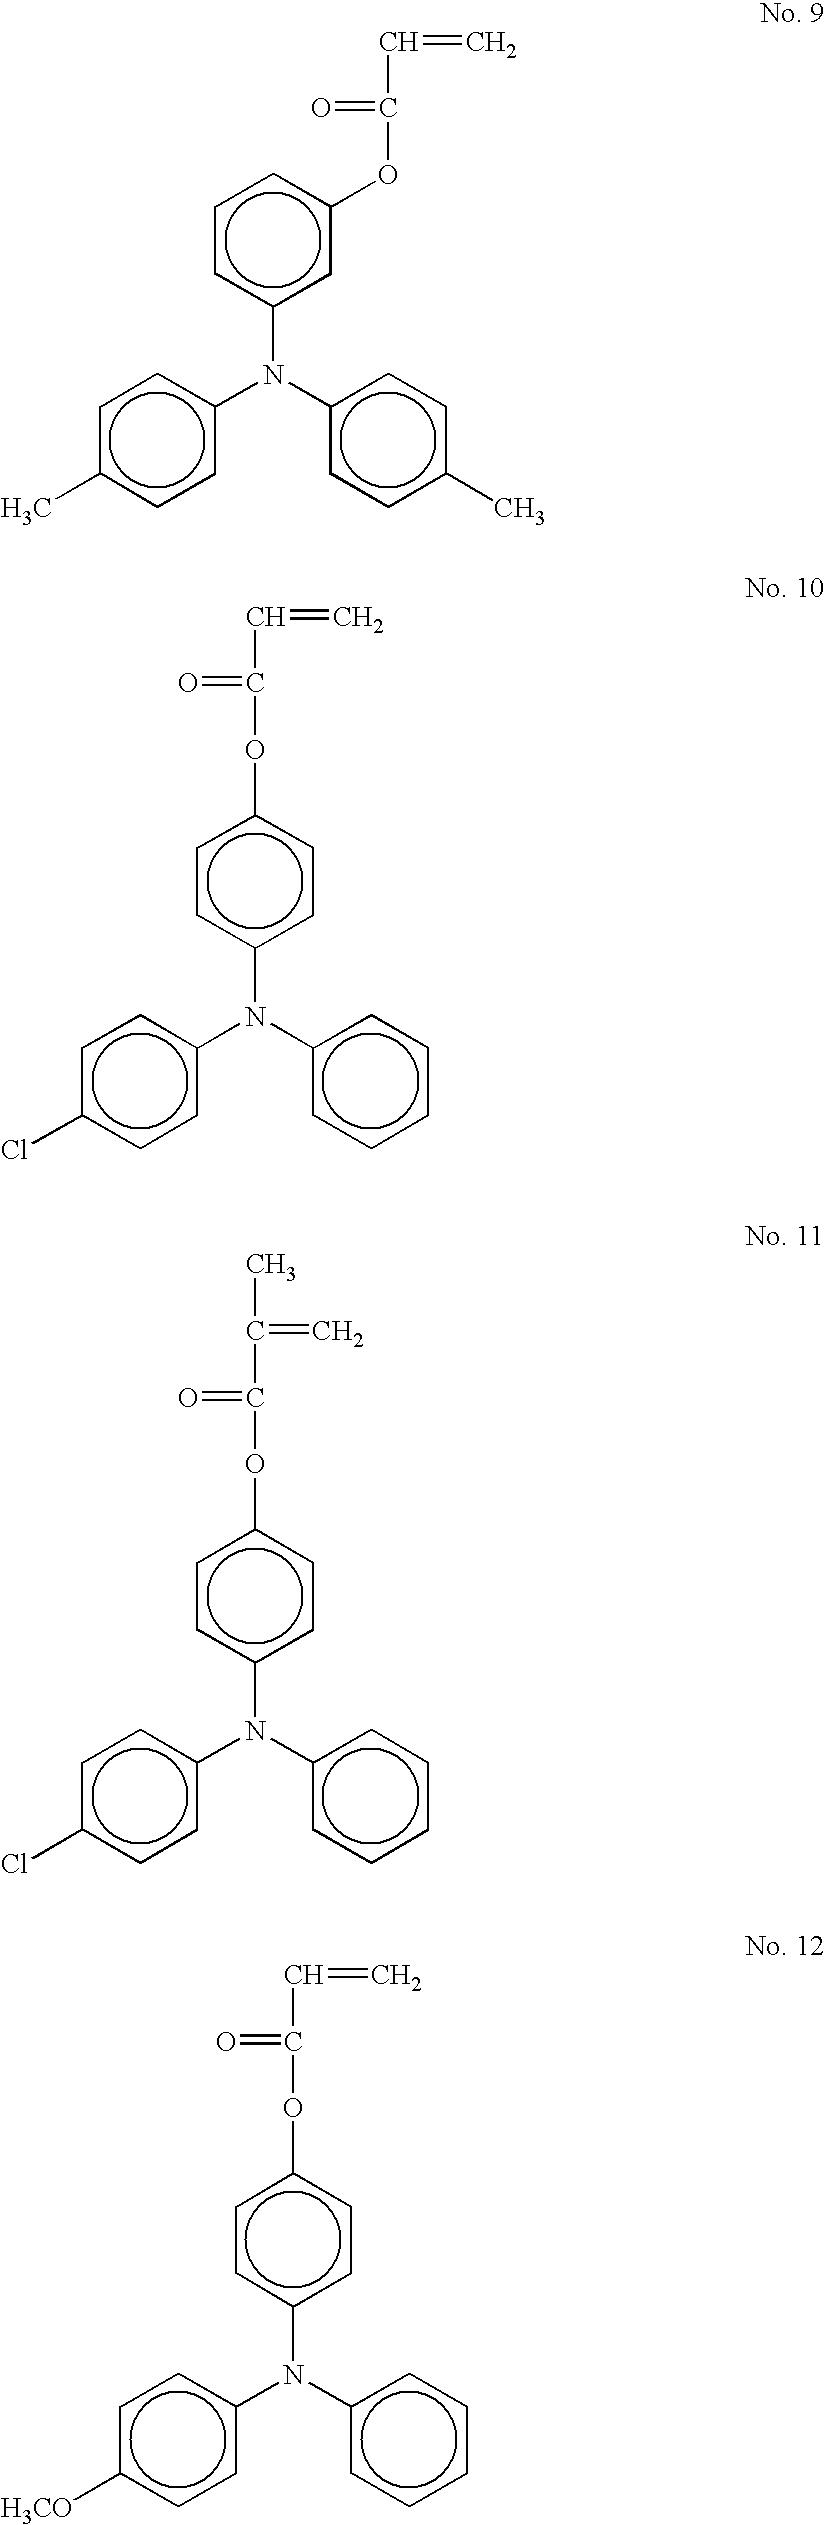 Figure US20050175911A1-20050811-C00008